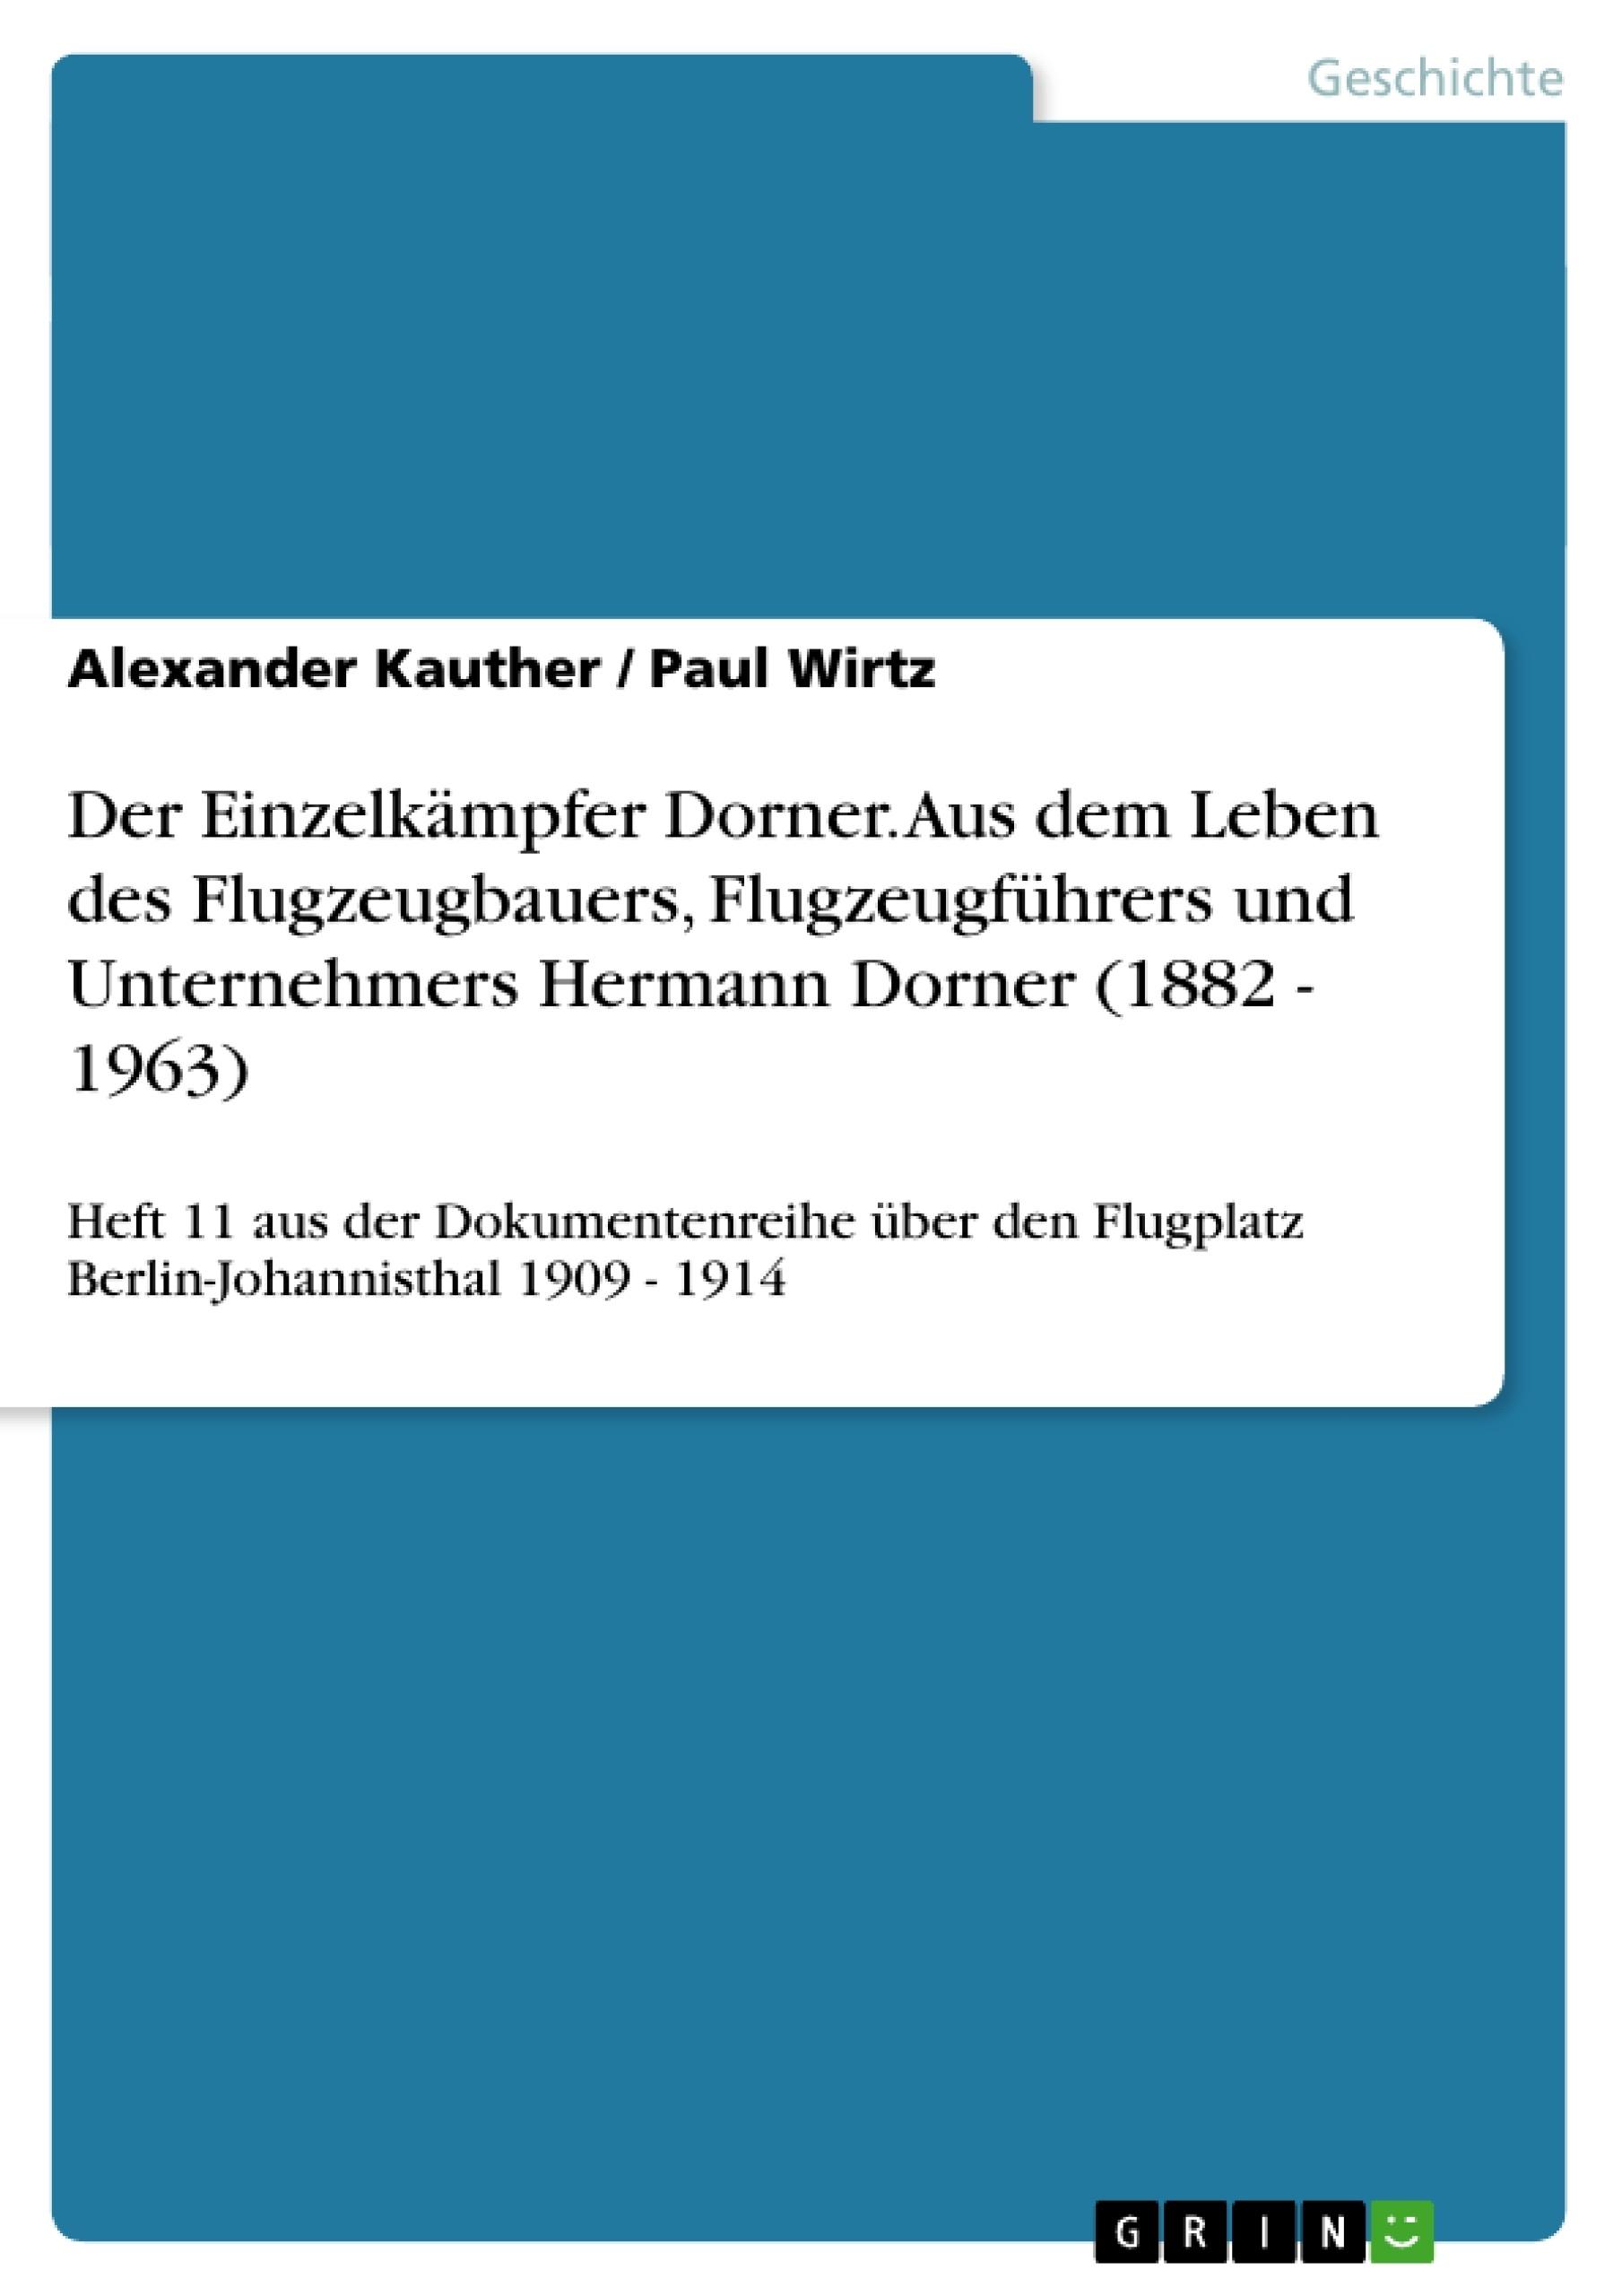 Titel: Der Einzelkämpfer Dorner. Aus dem Leben des Flugzeugbauers, Flugzeugführers und Unternehmers Hermann Dorner (1882 - 1963)